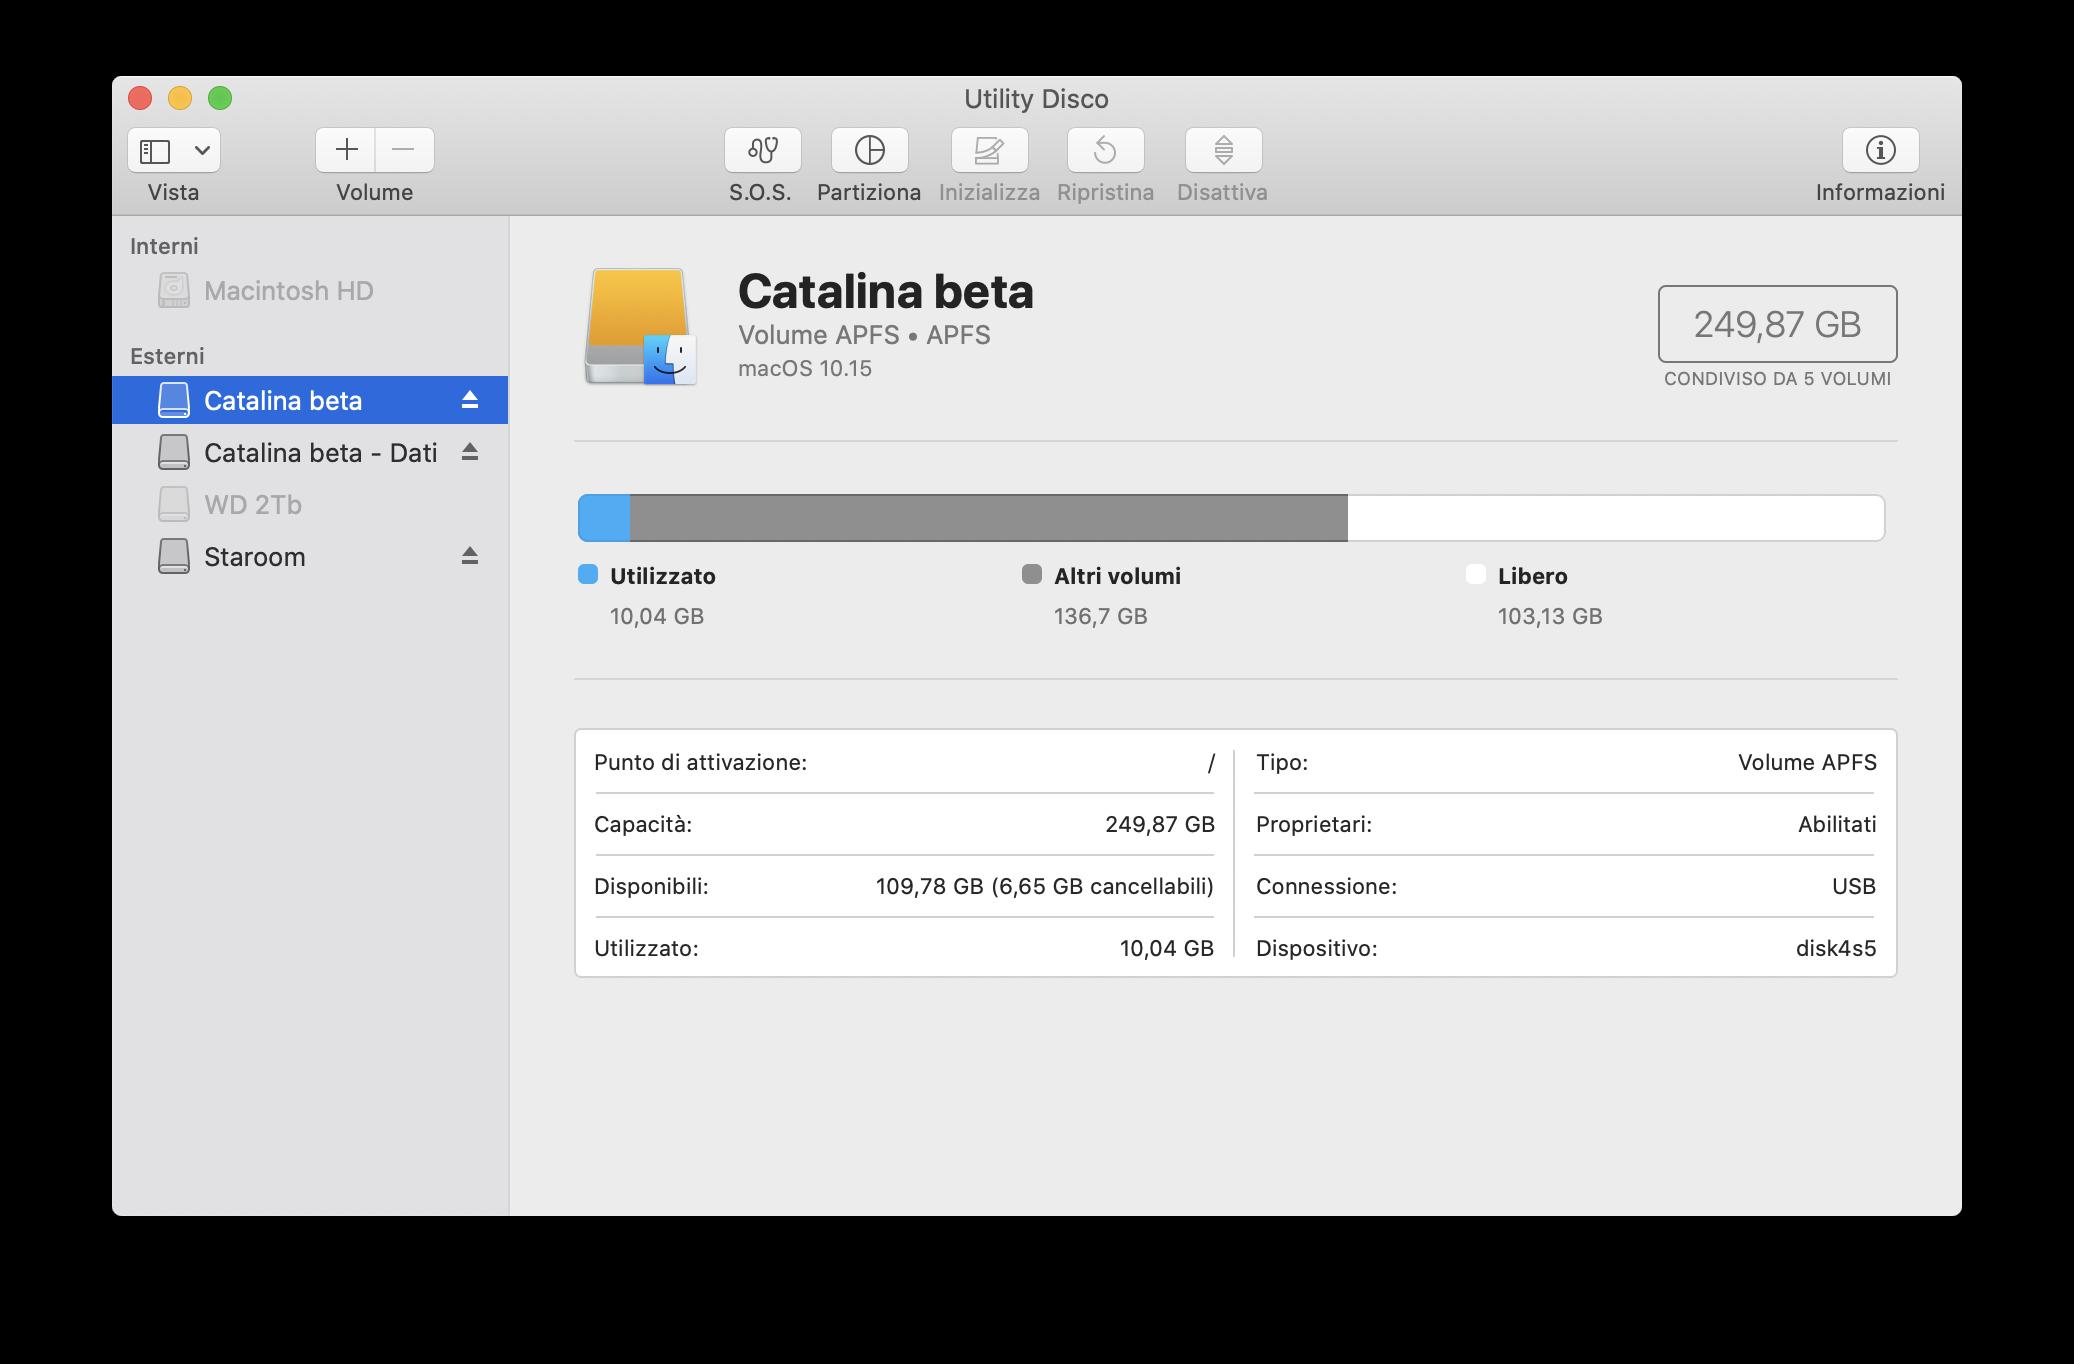 APFS e struttura dati partizioni di macOS Catalina